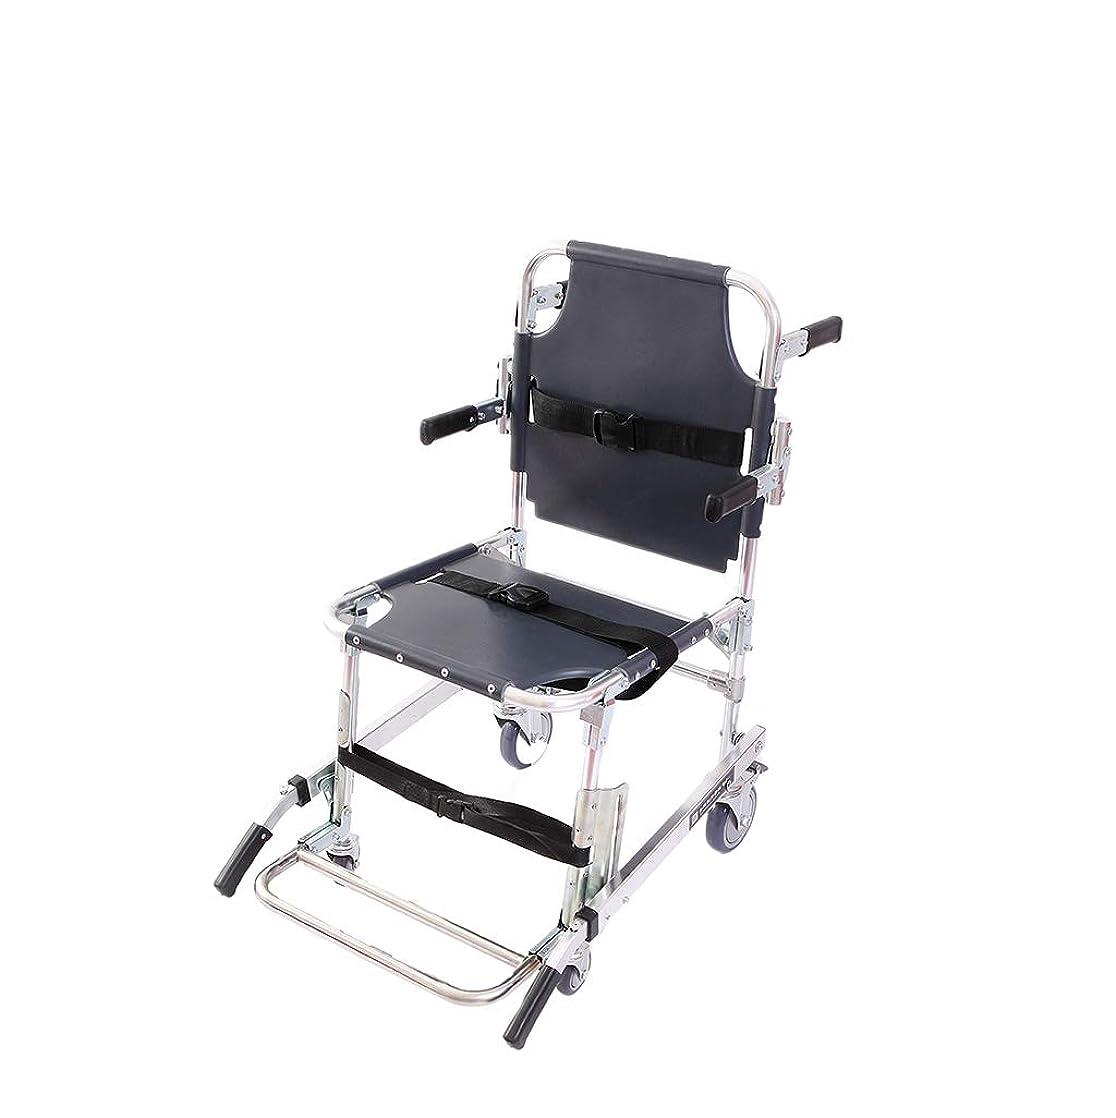 帝国乏しい受粉する階段椅子、アルミニウムの軽量2ホイールクイックリリースバックル、350ポンド容量のリフト付き医療輸送椅子